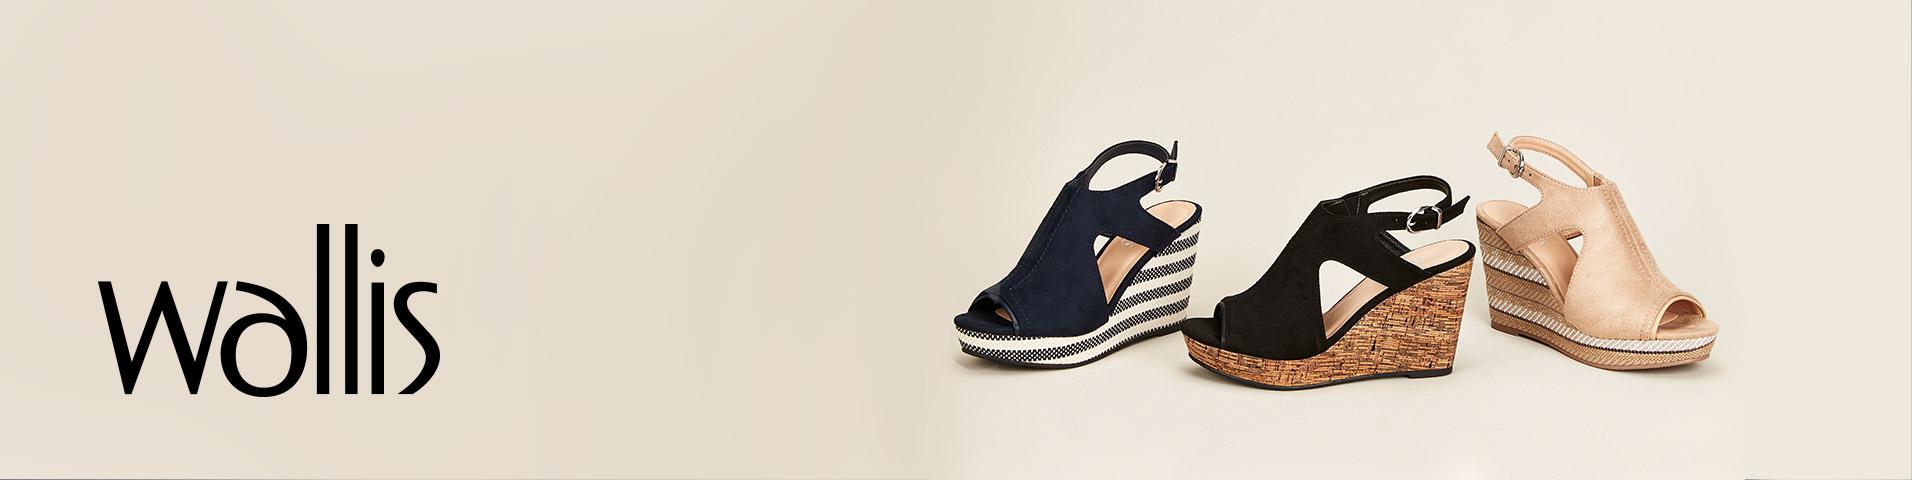 Zapatos Wallis de mujer | Comprar calzado femenino online en